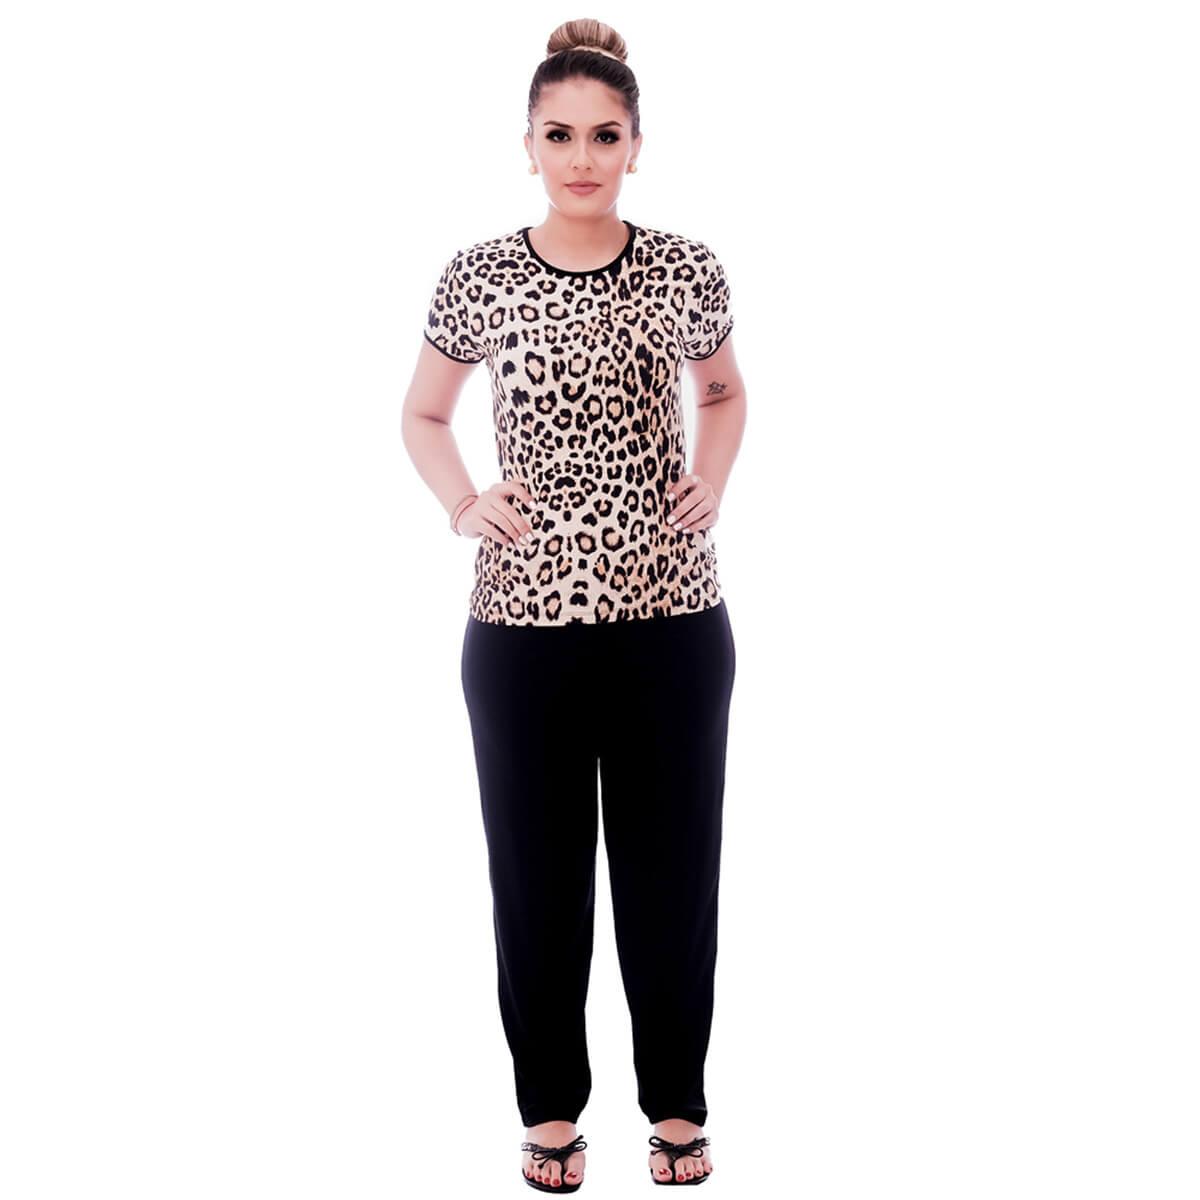 Pijama Feminino de Blusa Manga Curta Estampa Animal Print de Onça e Viés Preto e Calça Comprida Preta